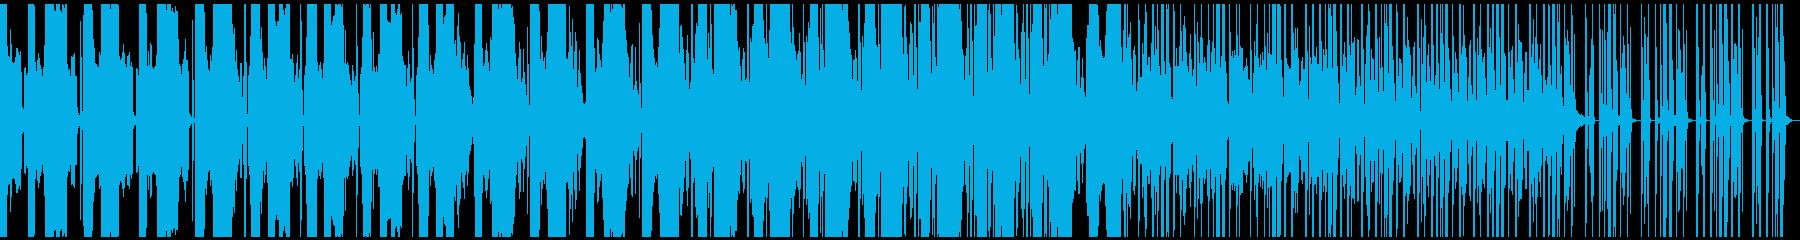 不気味な音が特徴的なトラップの再生済みの波形